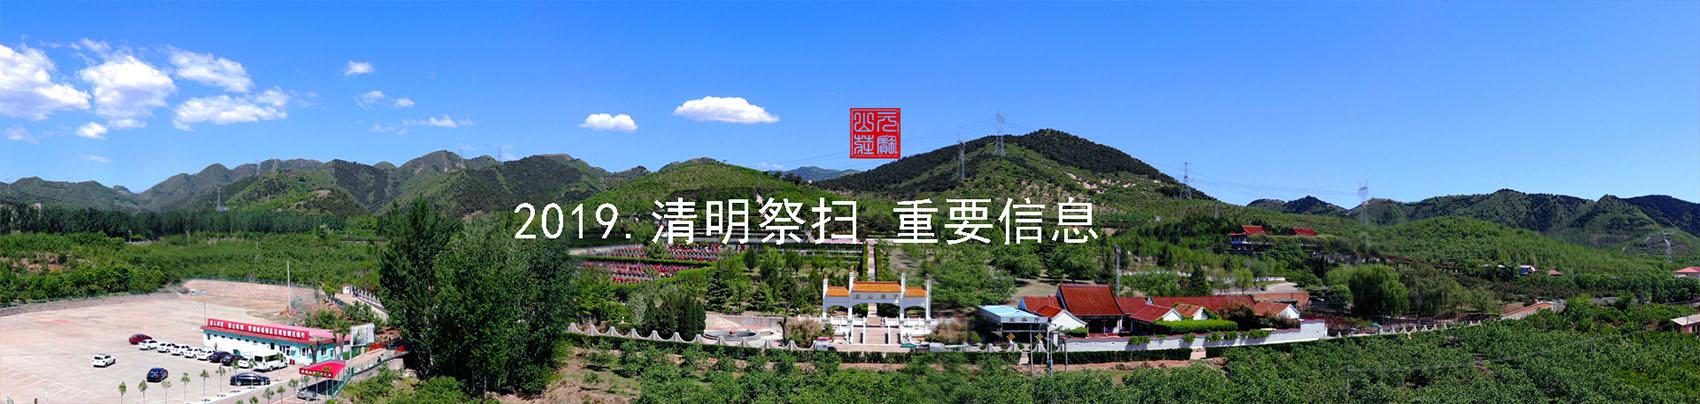 2019清明祭扫